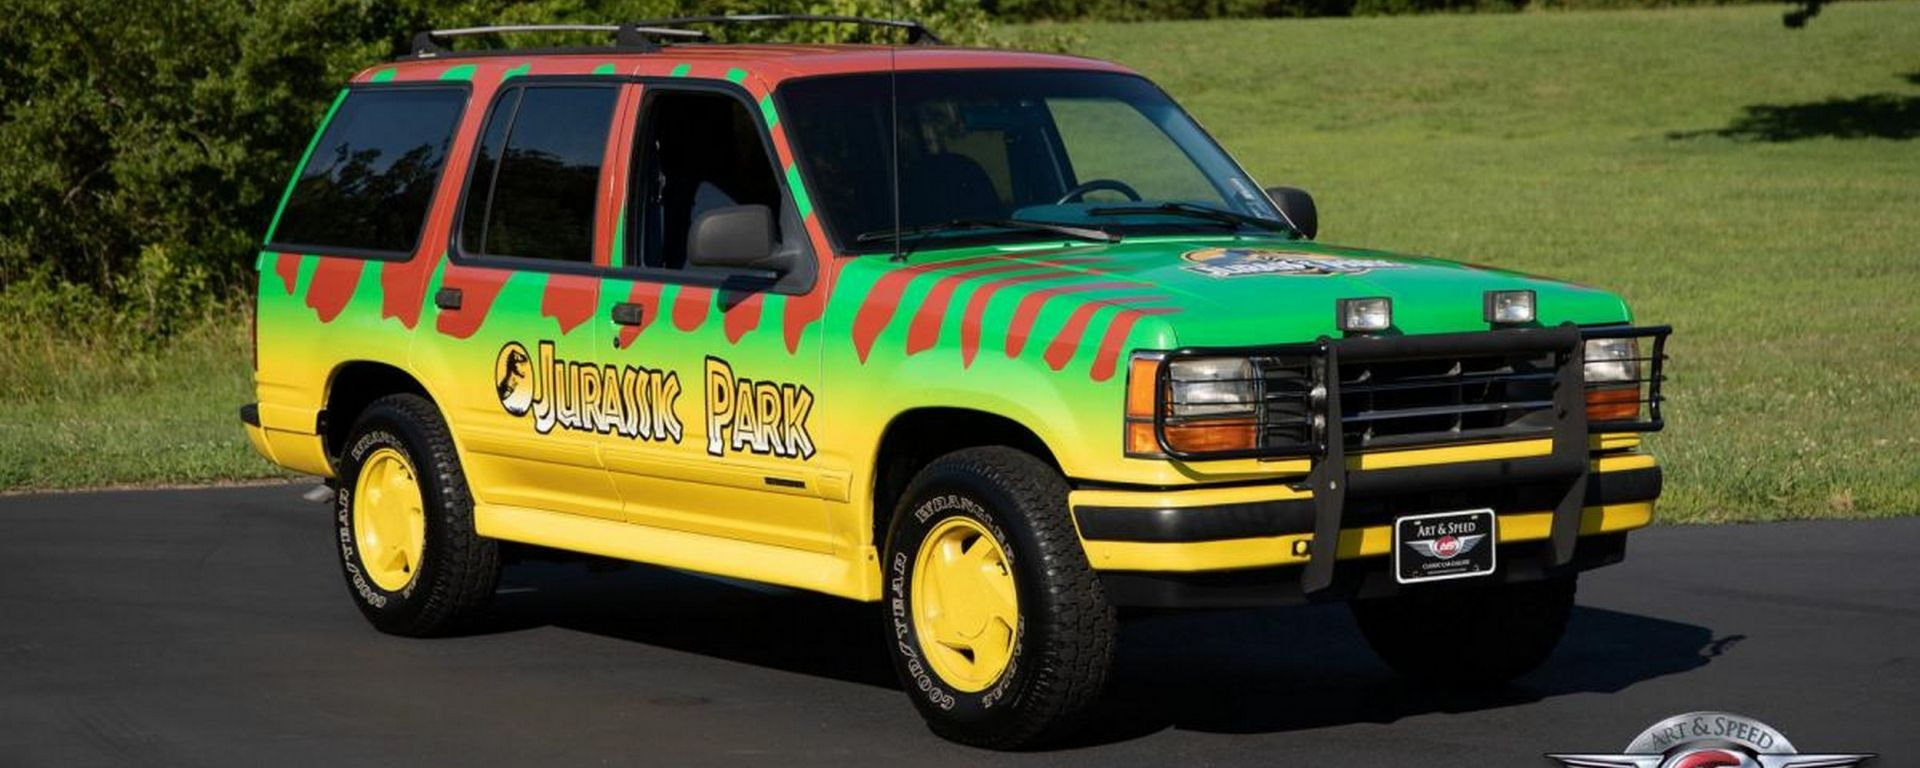 Il SUV di Jurassic Park? Ecco dove si compra e quanto costa